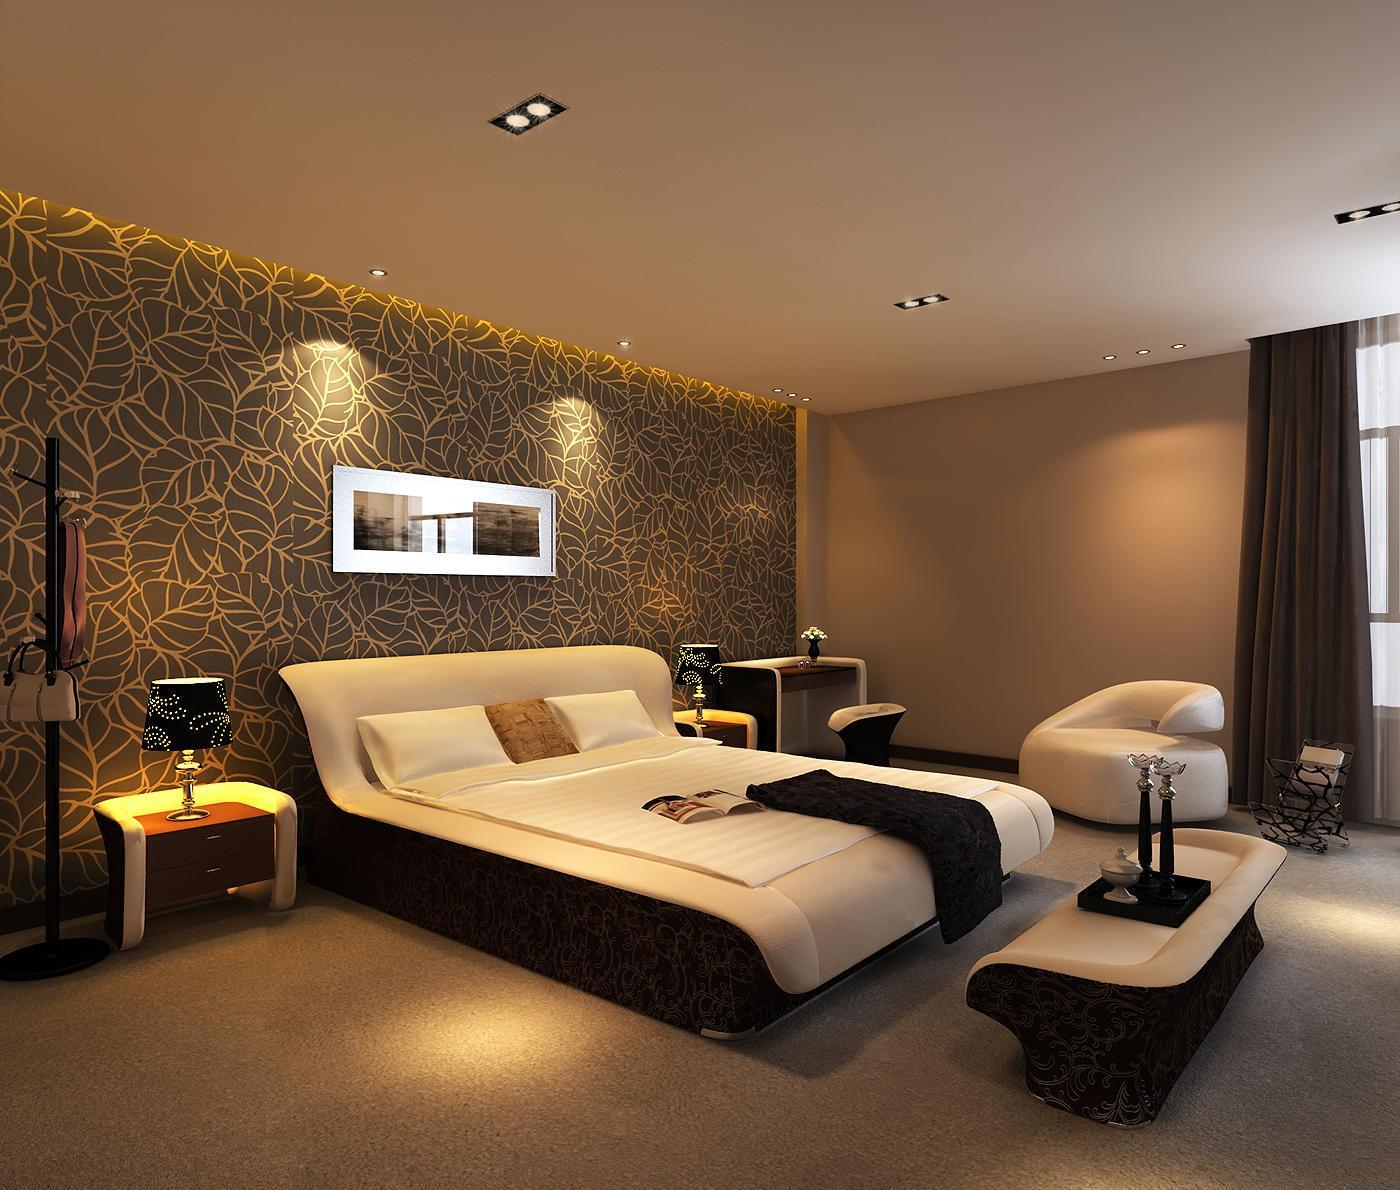 Красивый интерьер спальни в квартире фото